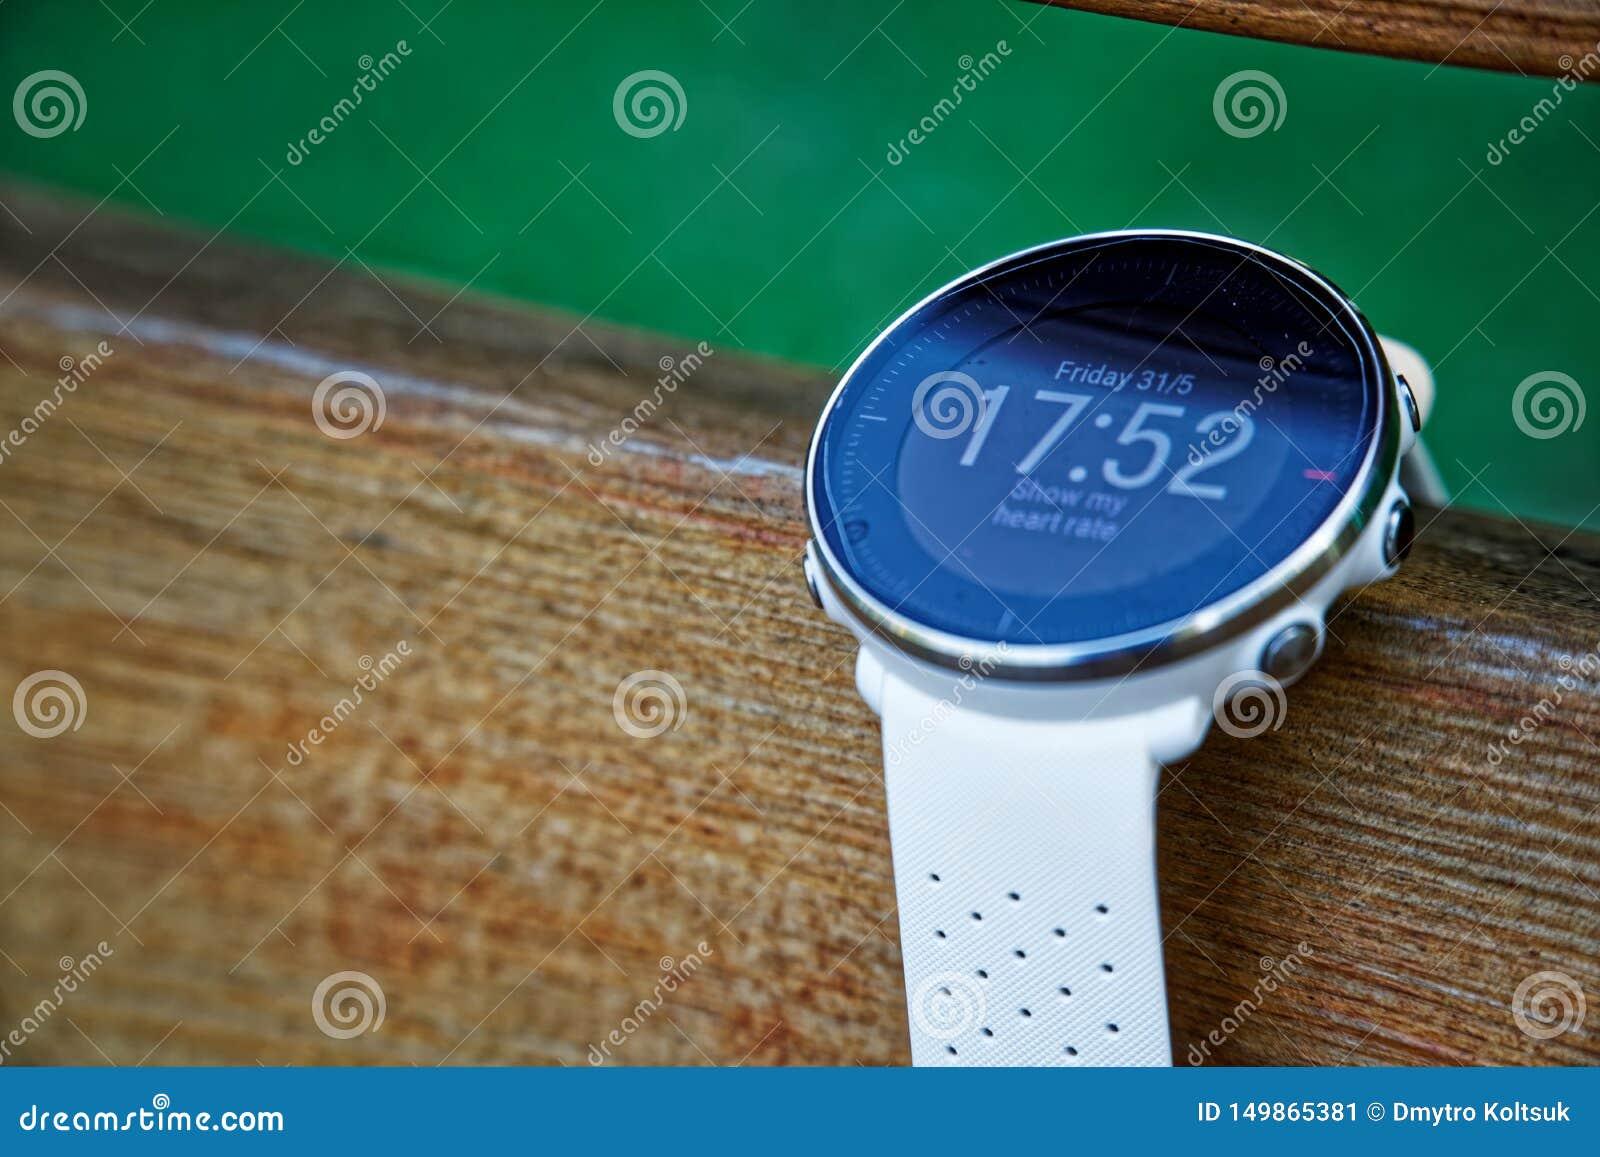 Αθλητικό ρολόι για το τρέξιμο του άσπρου χρώματος στον ξύλινο πάγκο Ρολόι ικανότητας για την καταδίωξη της καθημερινής κατάρτισης